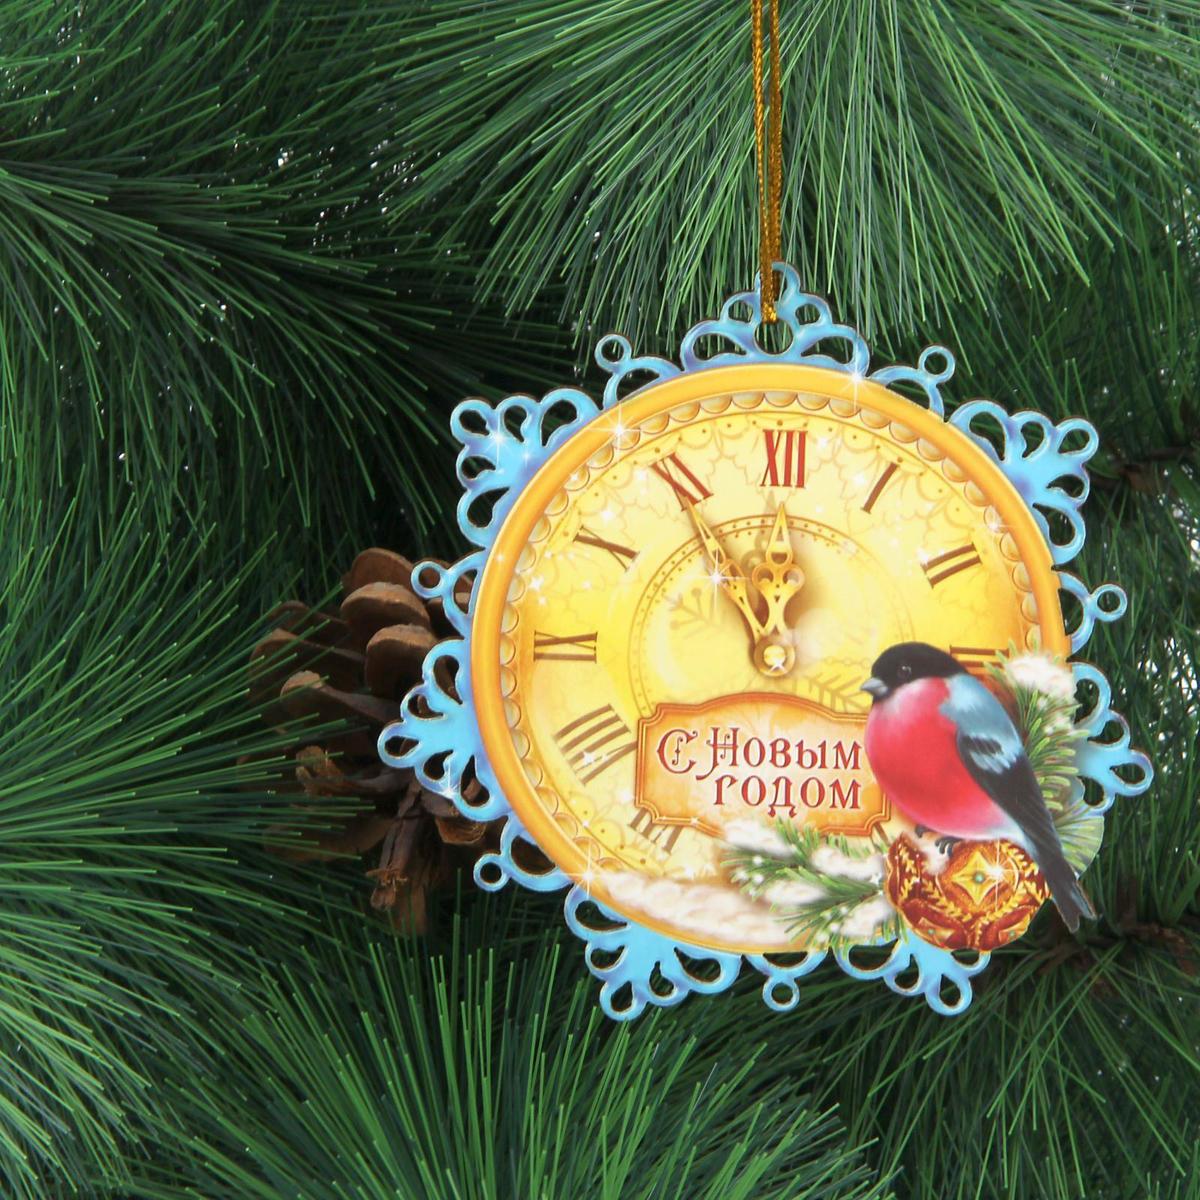 Новогоднее подвесное украшение Sima-land С Новым годом, 9 х 9 см1352993Новогоднее украшение Sima-land отлично подойдет для декорации вашего дома и новогодней ели.Елочная игрушка - символ Нового года. Она несет в себе волшебство и красоту праздника. Такое украшение создаст в вашем доме атмосферу праздника, веселья и радости.